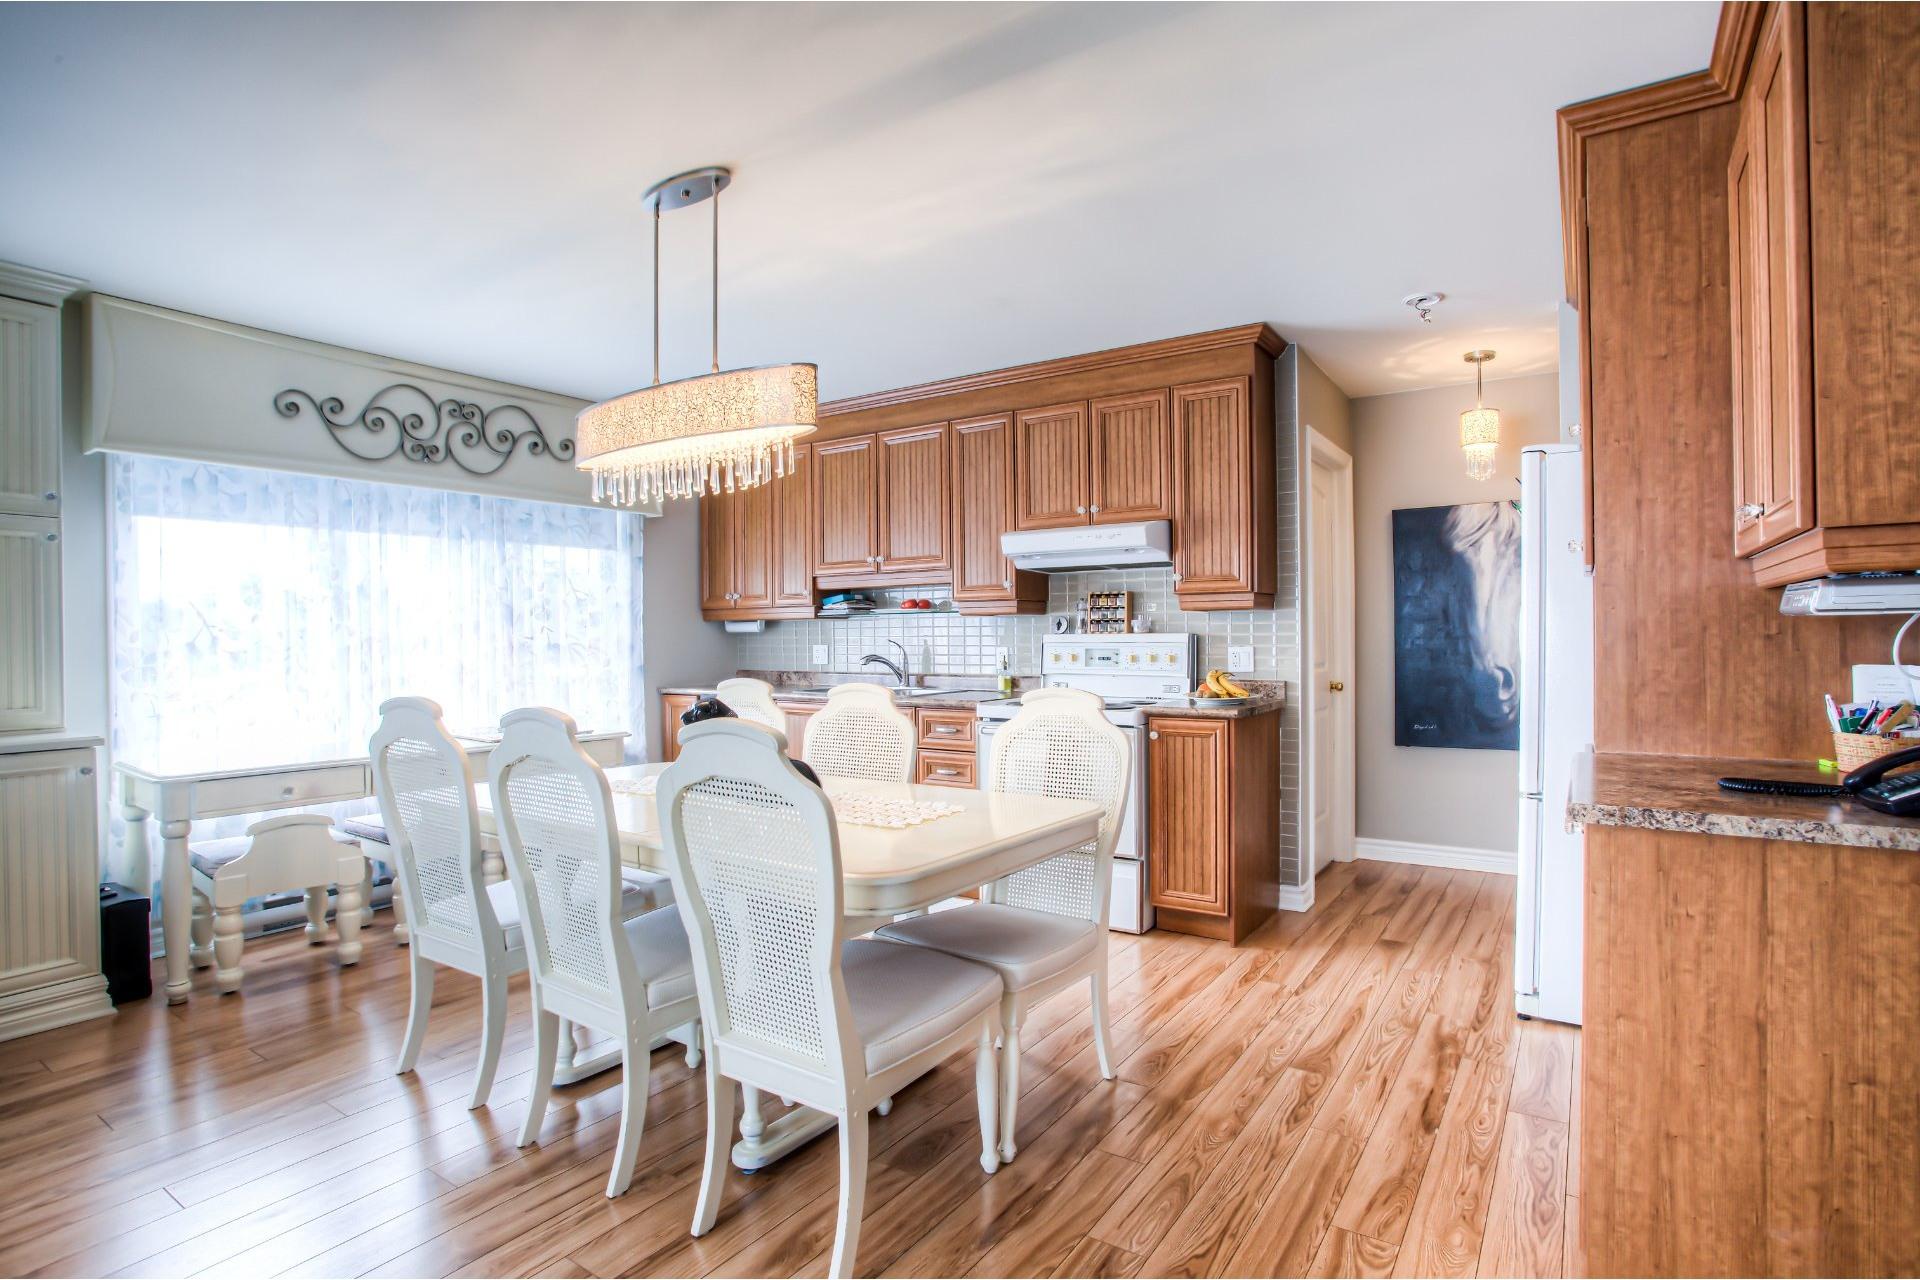 image 7 - Apartment For sale Pointe-des-Cascades - 6 rooms